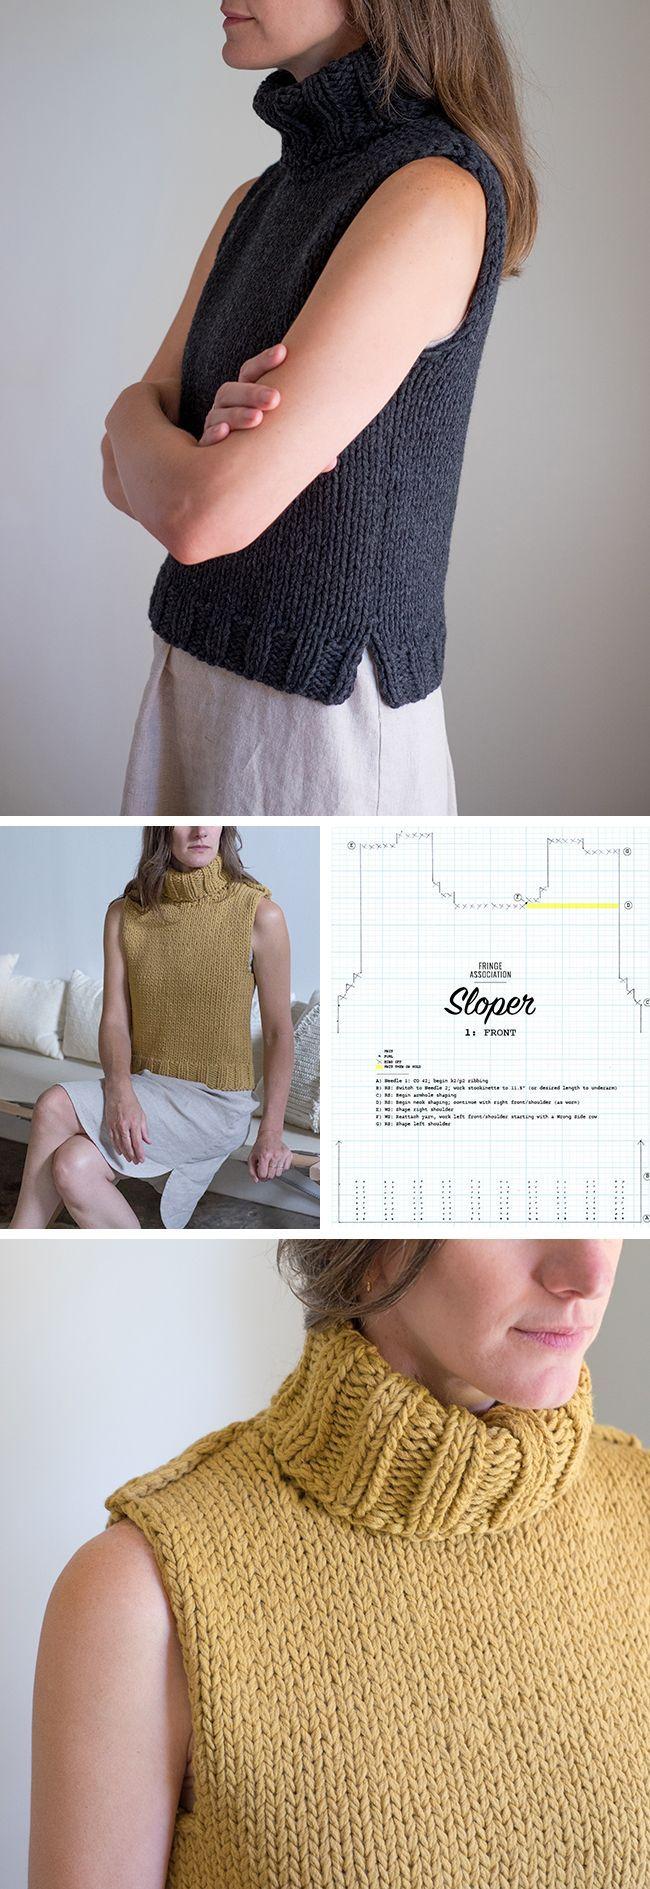 173 best Knitting Blogs images on Pinterest | Knitting blogs, Knit ...